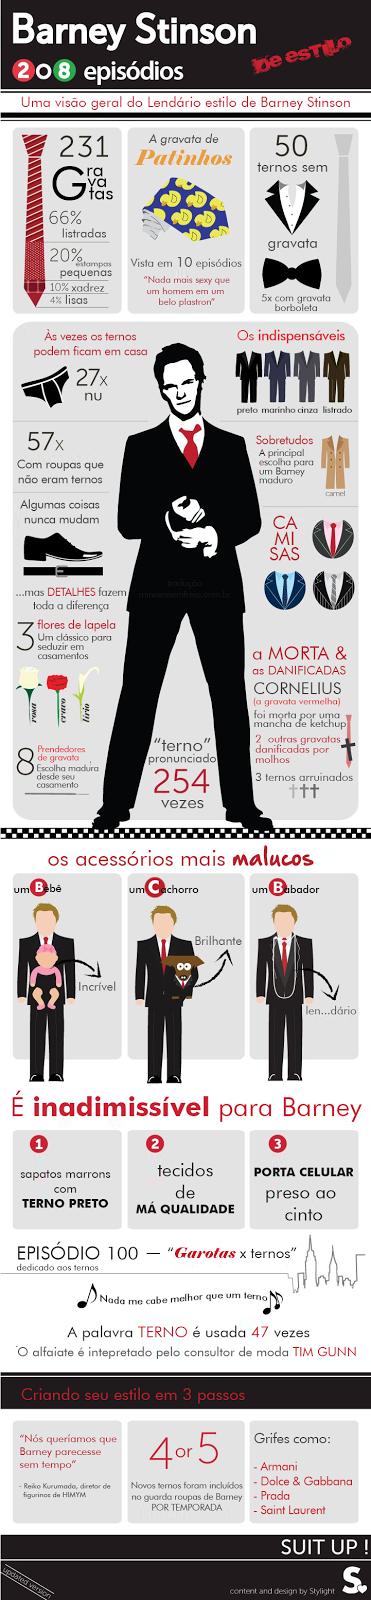 O estilo de Barney Stinson, blog Mineira sem freio www.mineirasemfreio.com.br